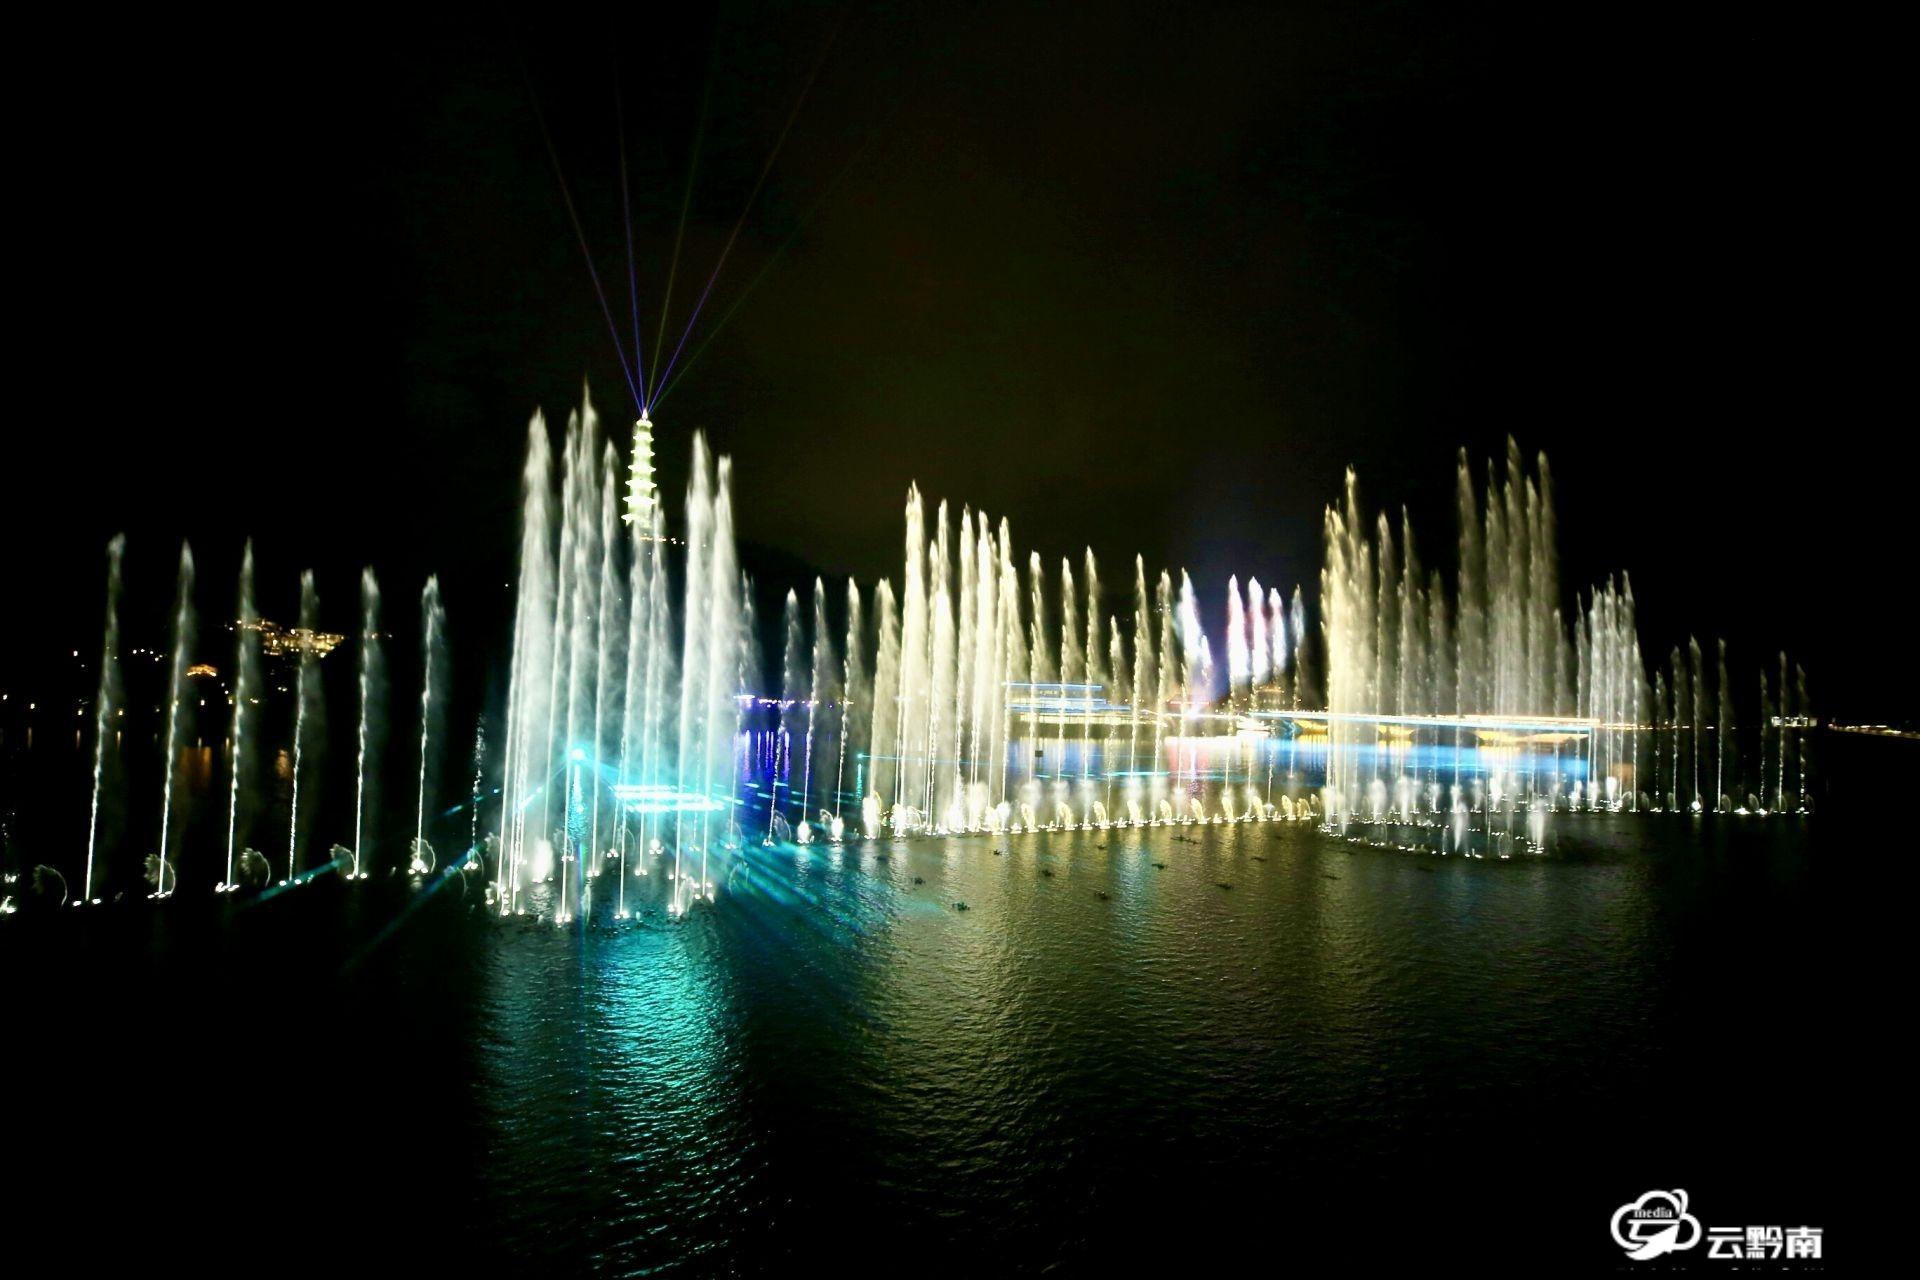 绿博会开幕前夜:音乐喷泉表演令人震撼